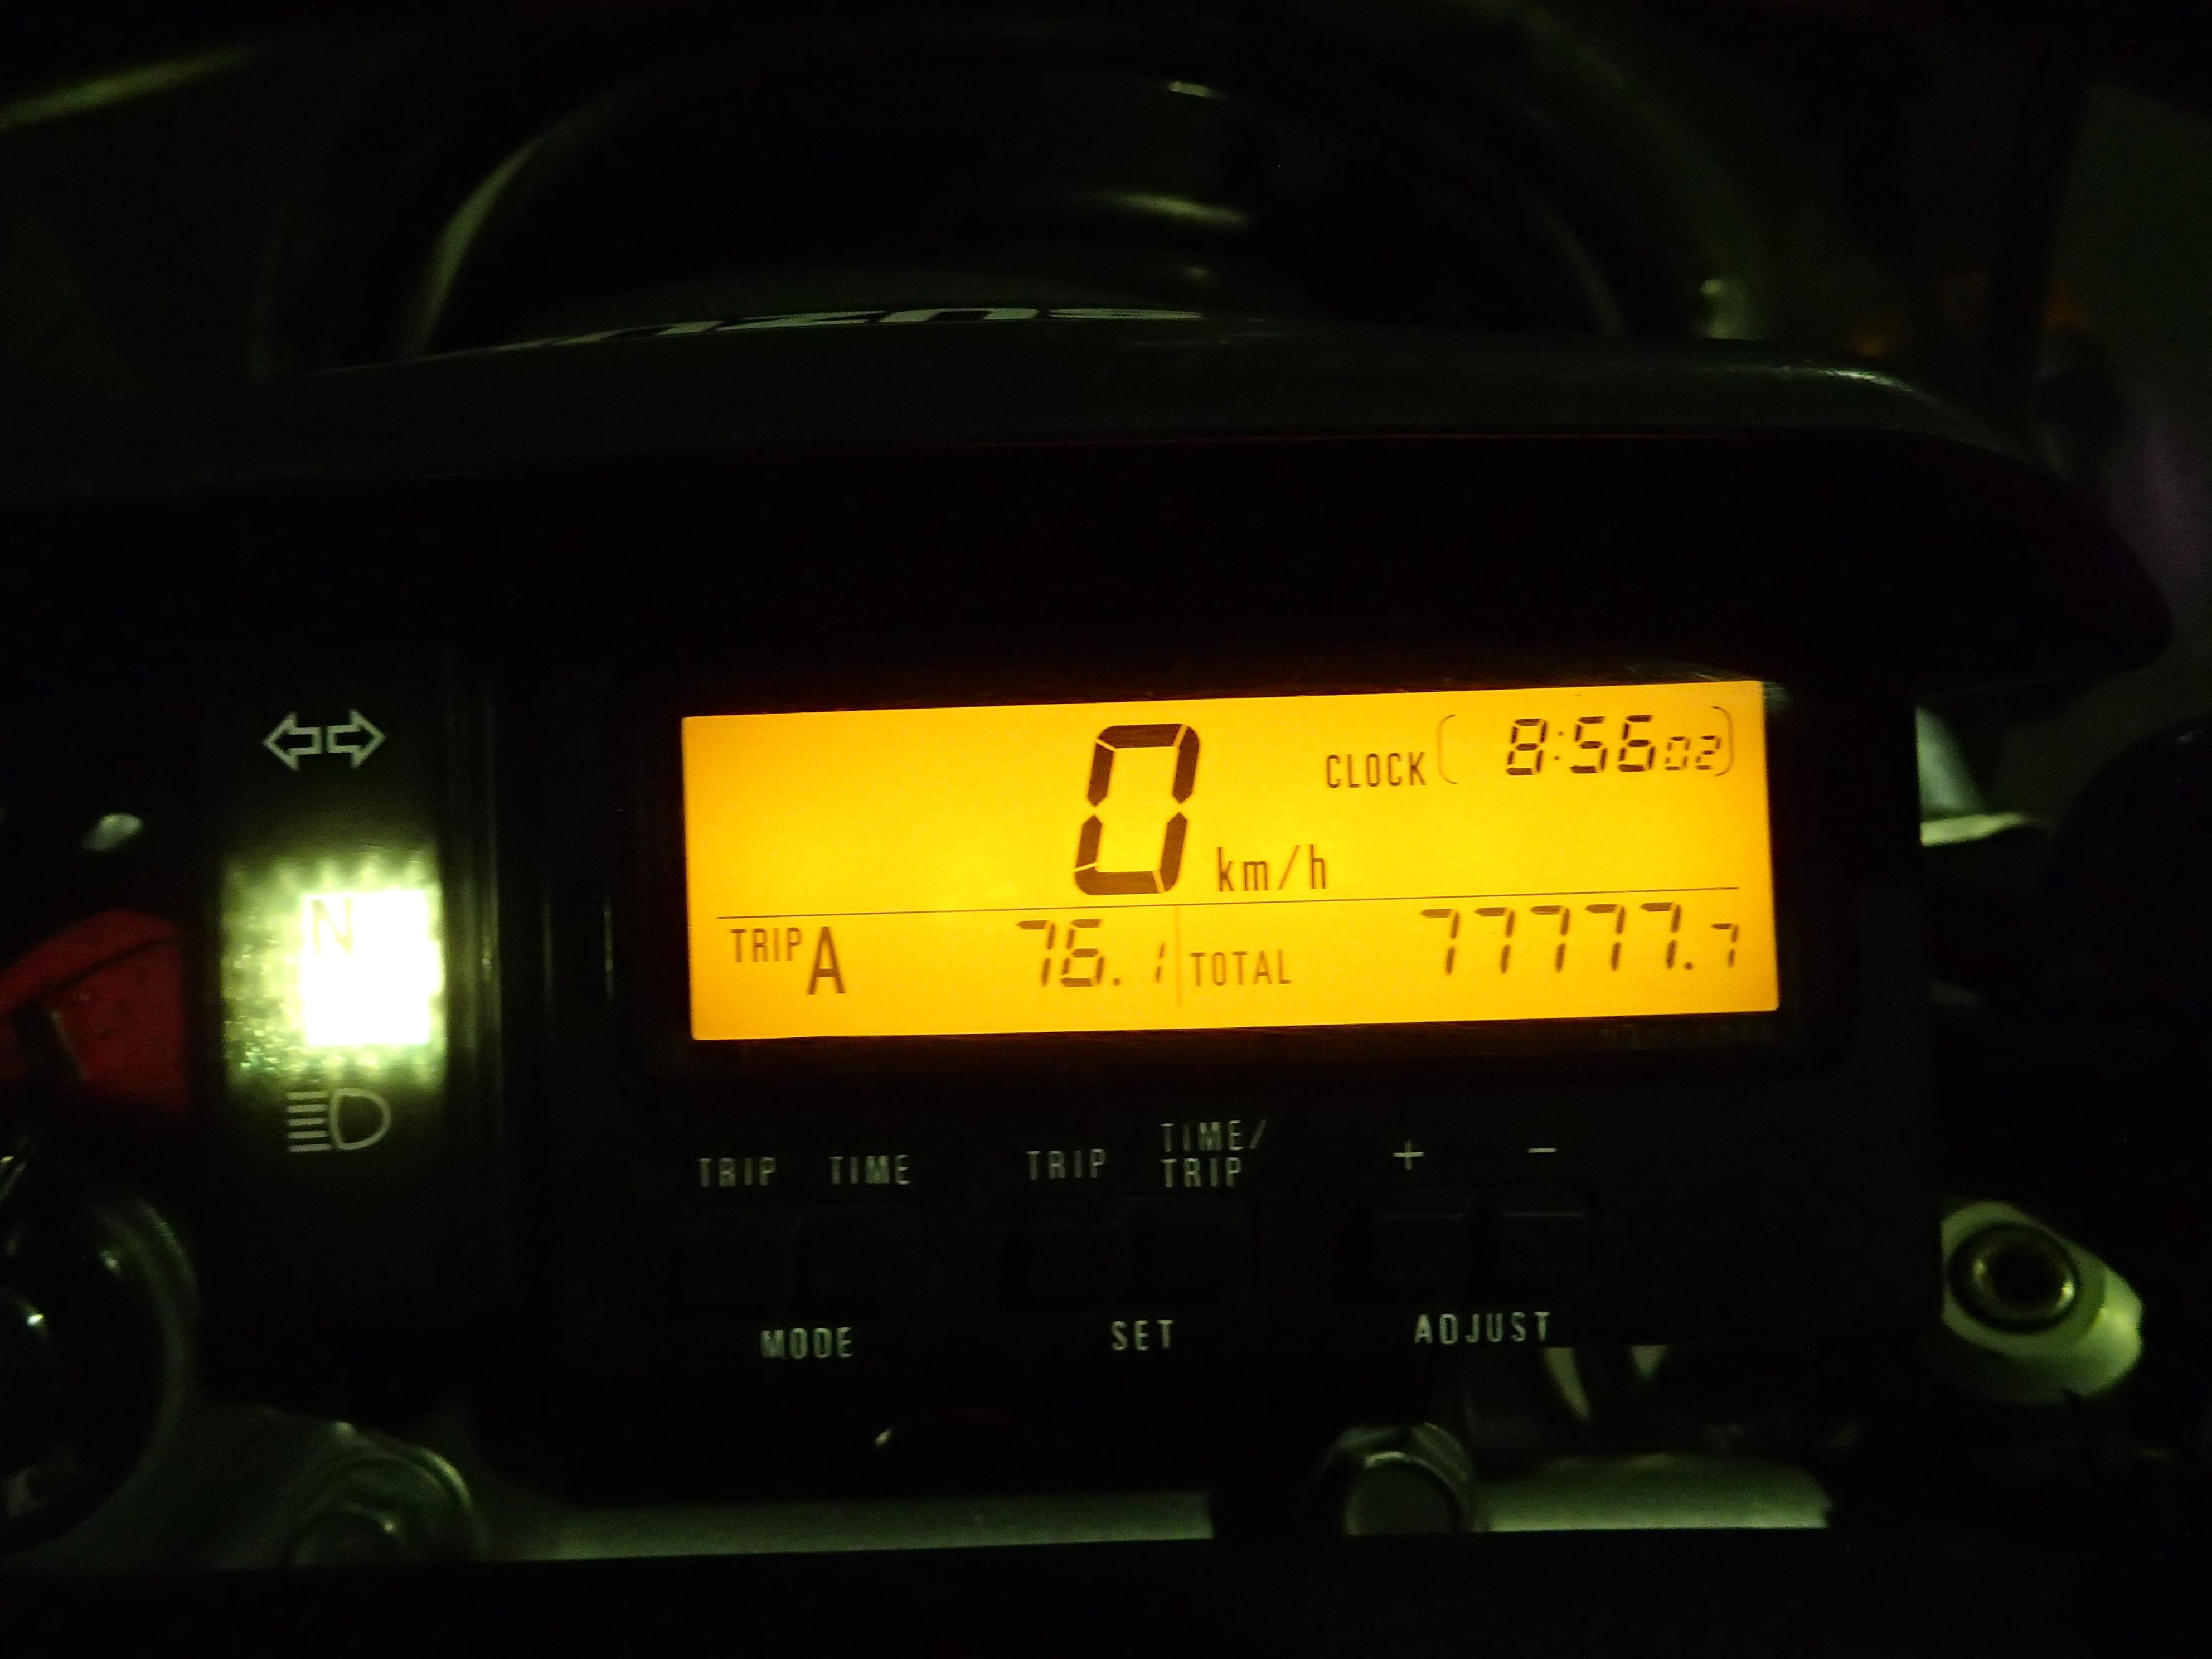 「今日も大フィーバー」ということで、先日ジェベル250XCのオドメーターが77777.7kmを刻んだ。2007年に2500kmで購入して以来、約6年弱で達成。トリップメーターも合わせればよかった…